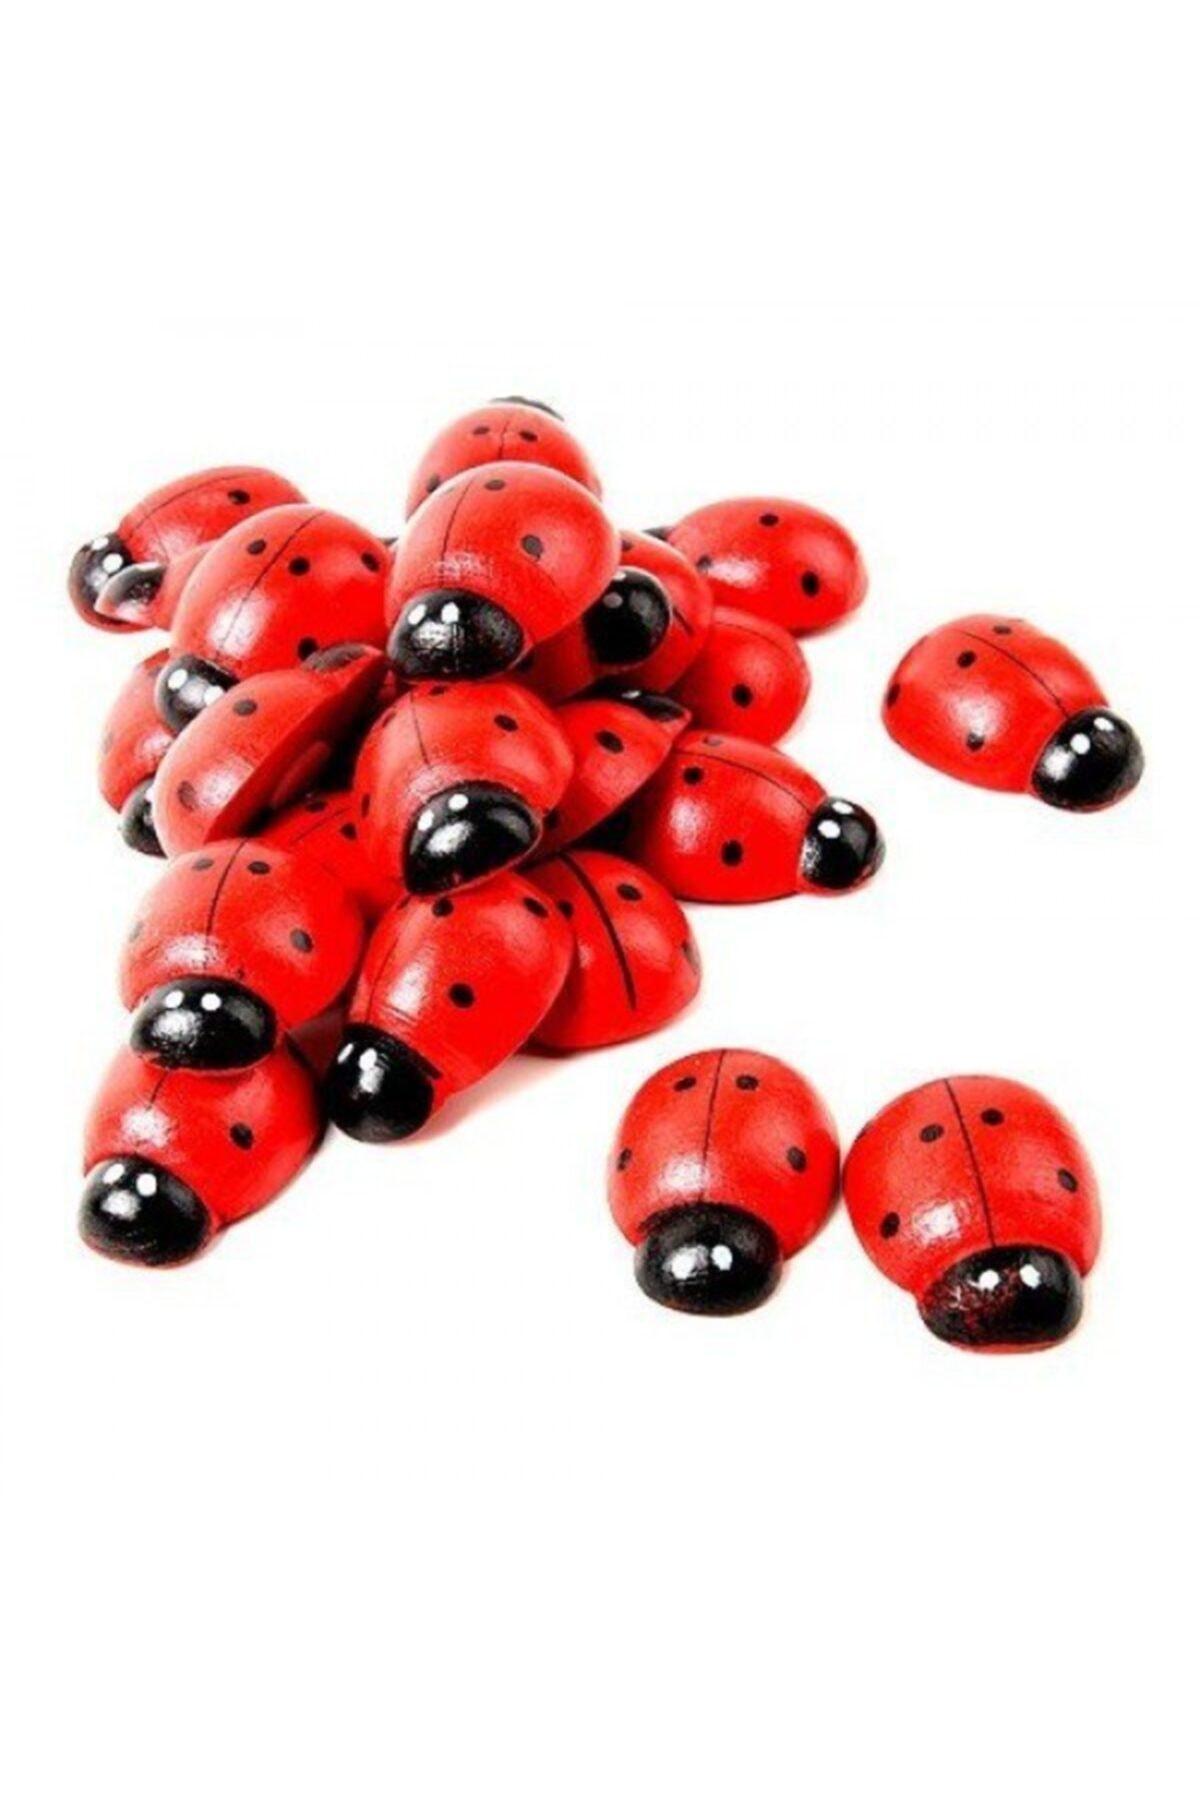 Kırmızı Uğur Böceği 100 Adet Dekor Uğur Böceği Desenli Süs Parti Malzemesi